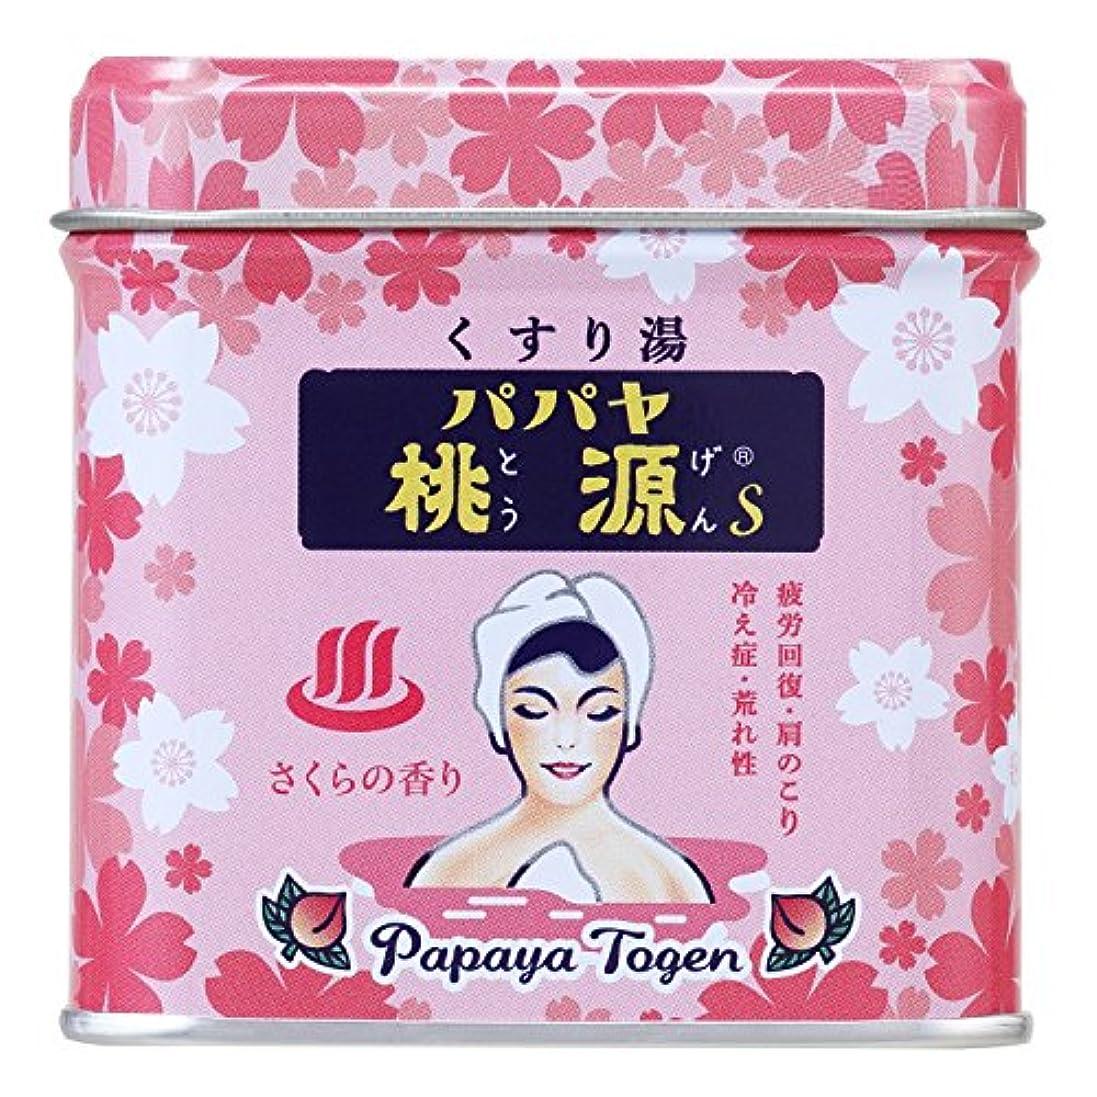 買い物に行く一般的なイサカパパヤ桃源S 70g さくらの香り [医薬部外品]